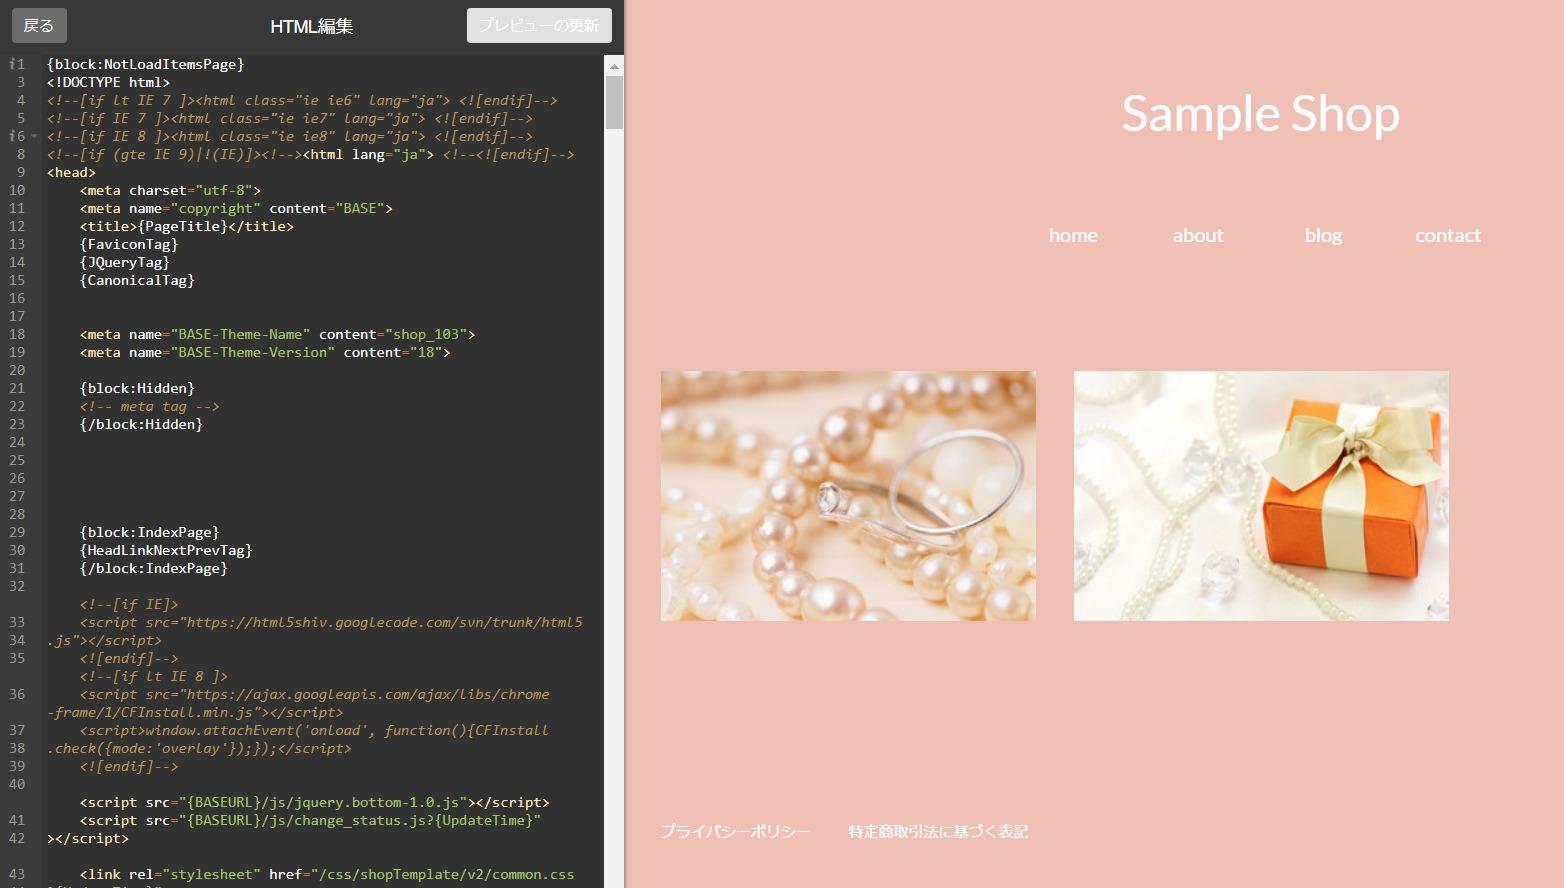 BASEのHTMLソース